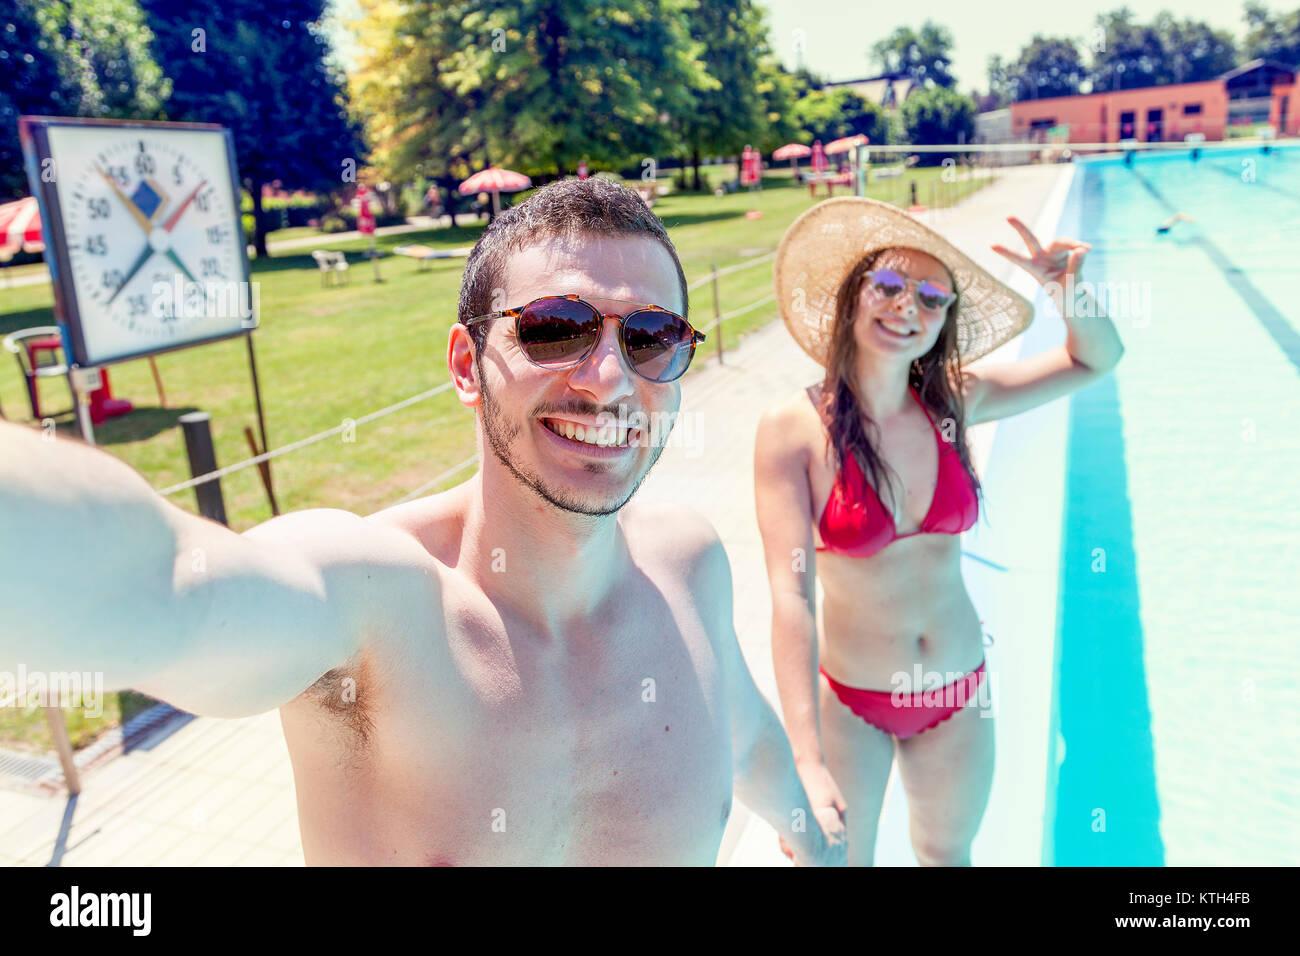 Jeune couple d'amoureux au bord de la piscine prend un maillot en selfies. Concept de jeunes s'amusant en Photo Stock